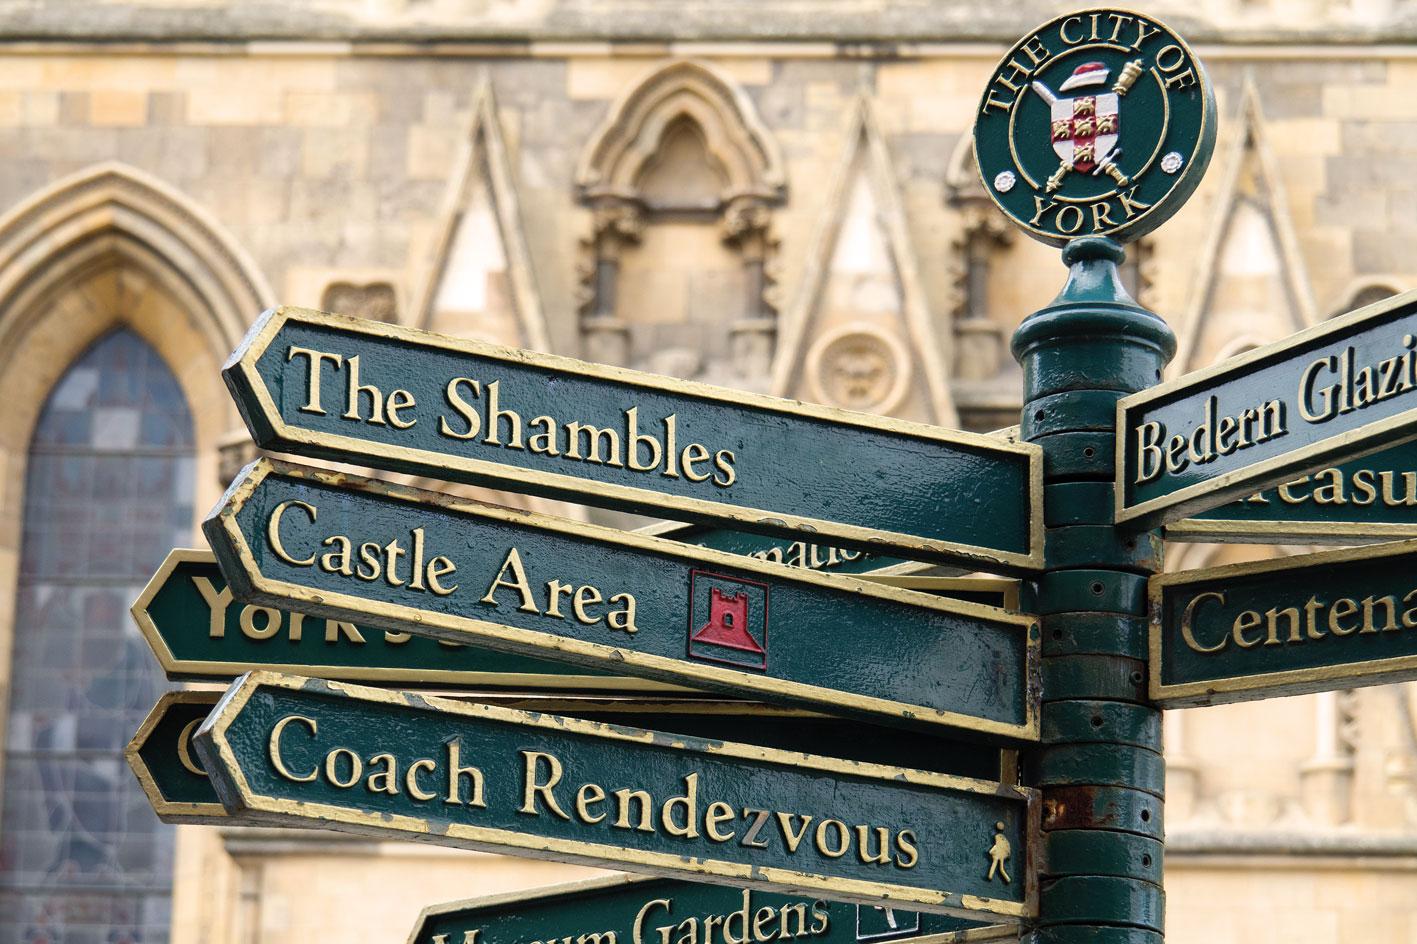 Corsi di inglese a York - Soggiorni linguistici York adulti